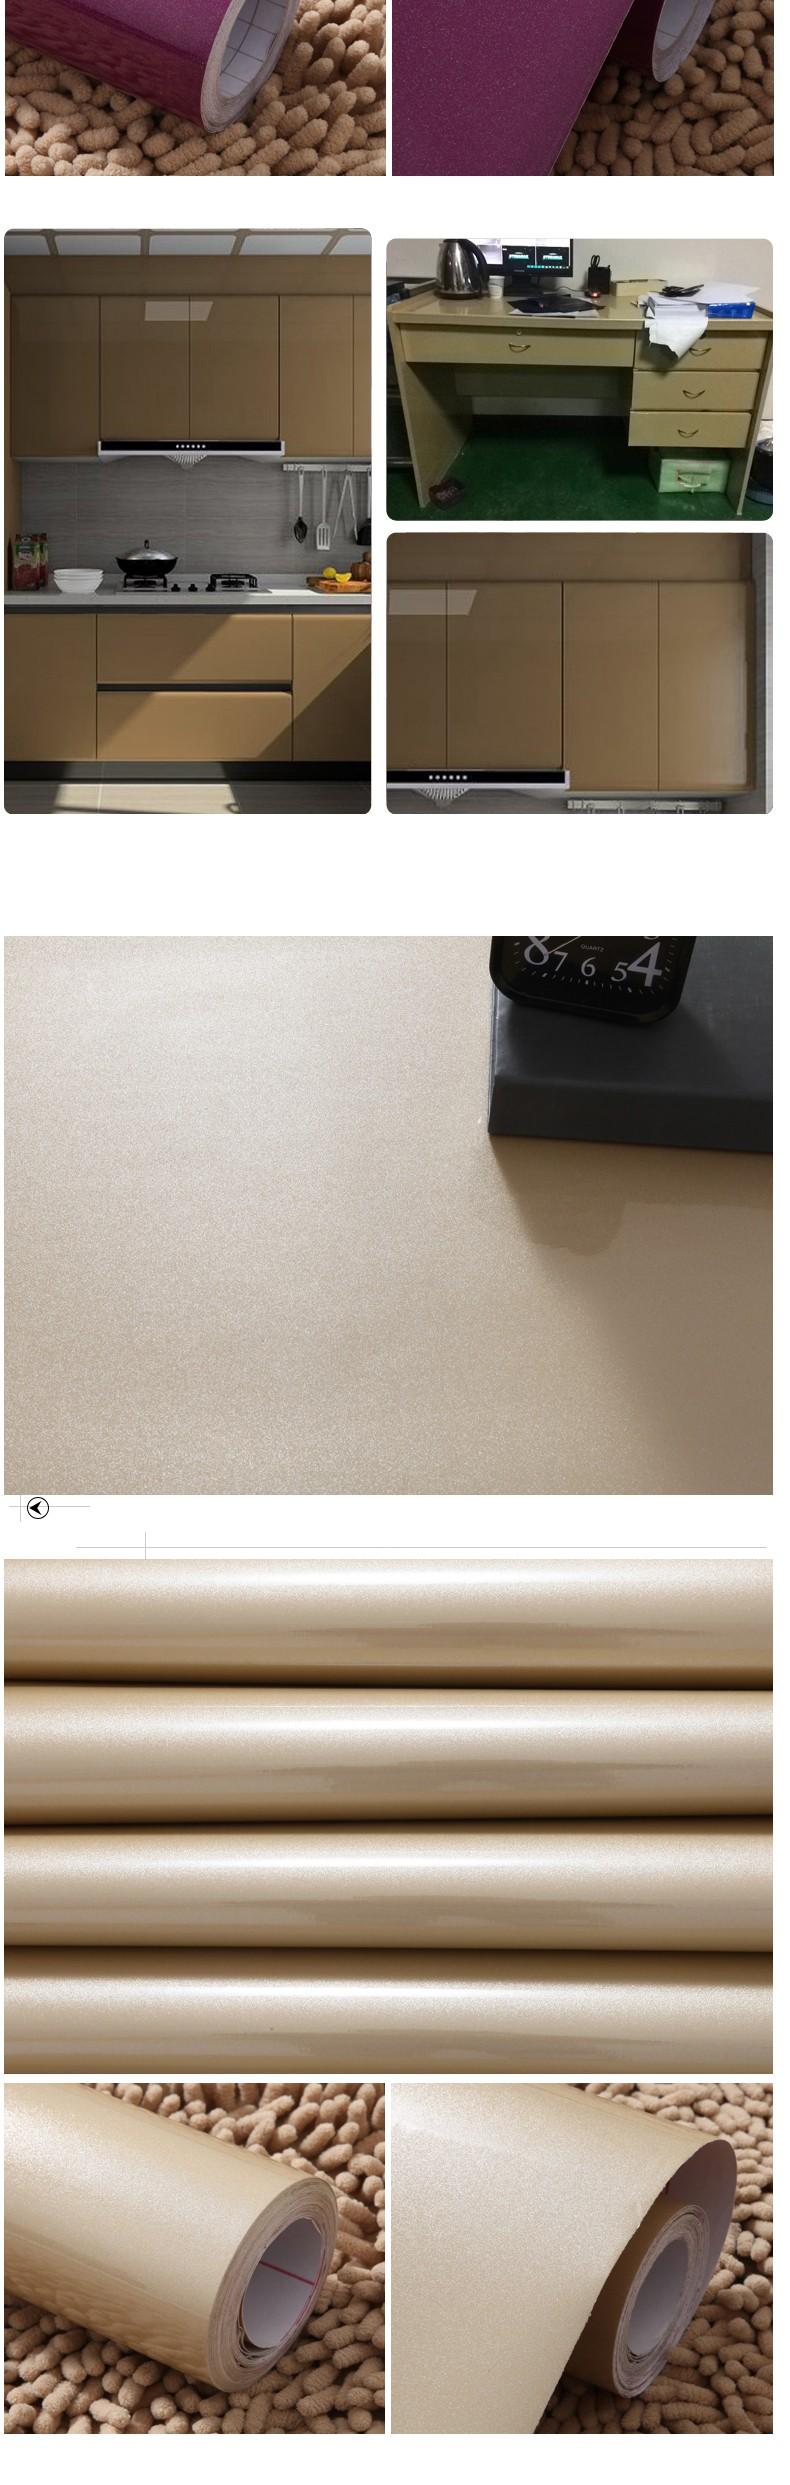 3 м/5 м/10 м розовой краской водонепроницаемый винил декоративные пленки самоклеющиеся обои рулон для кухни мебель наклейки пвх декор дома